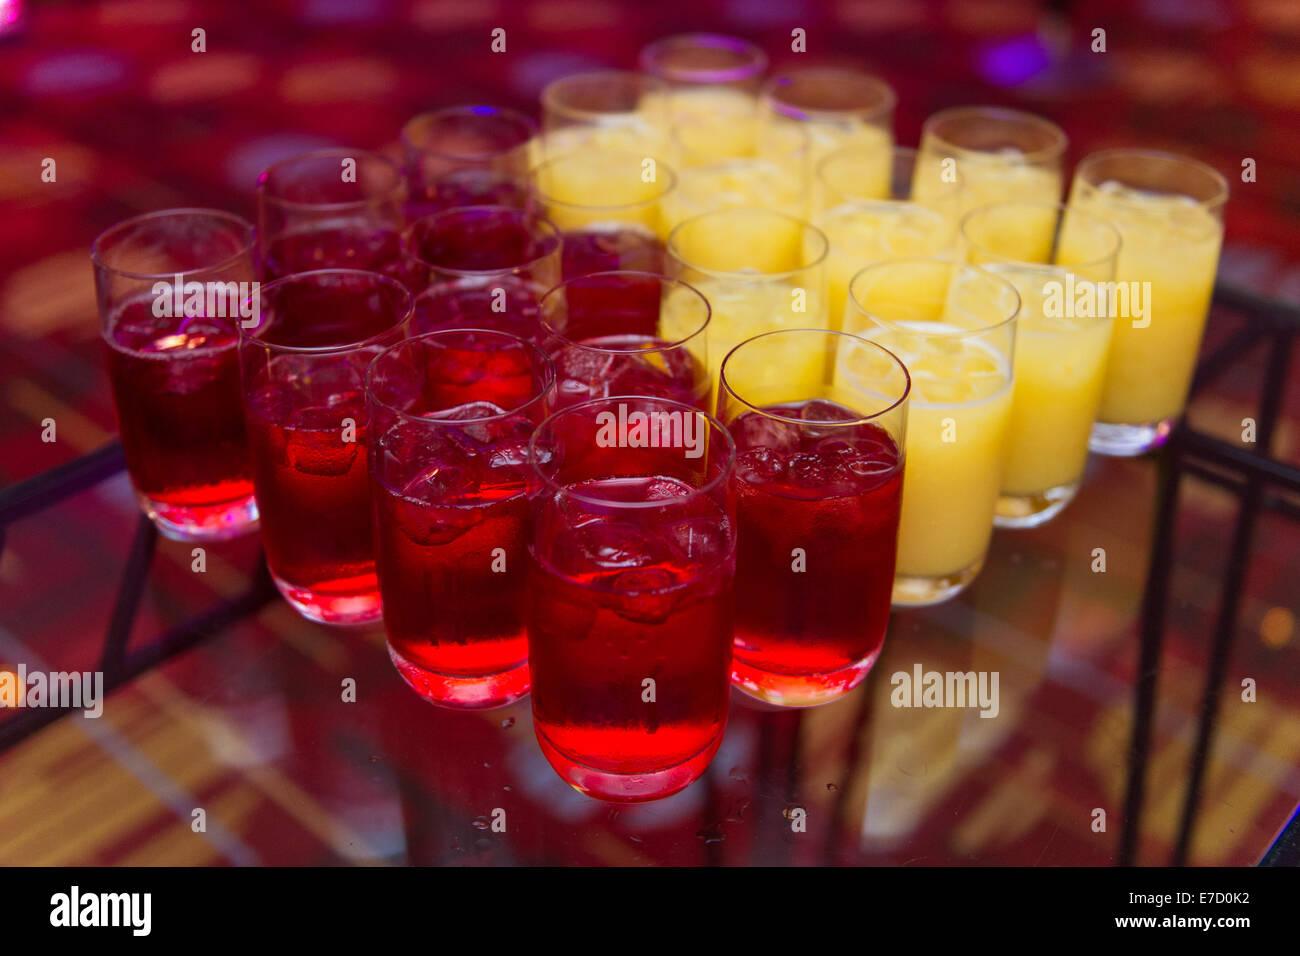 Nicht-alkoholische Auswahl an Getränken bei einer Veranstaltung ...